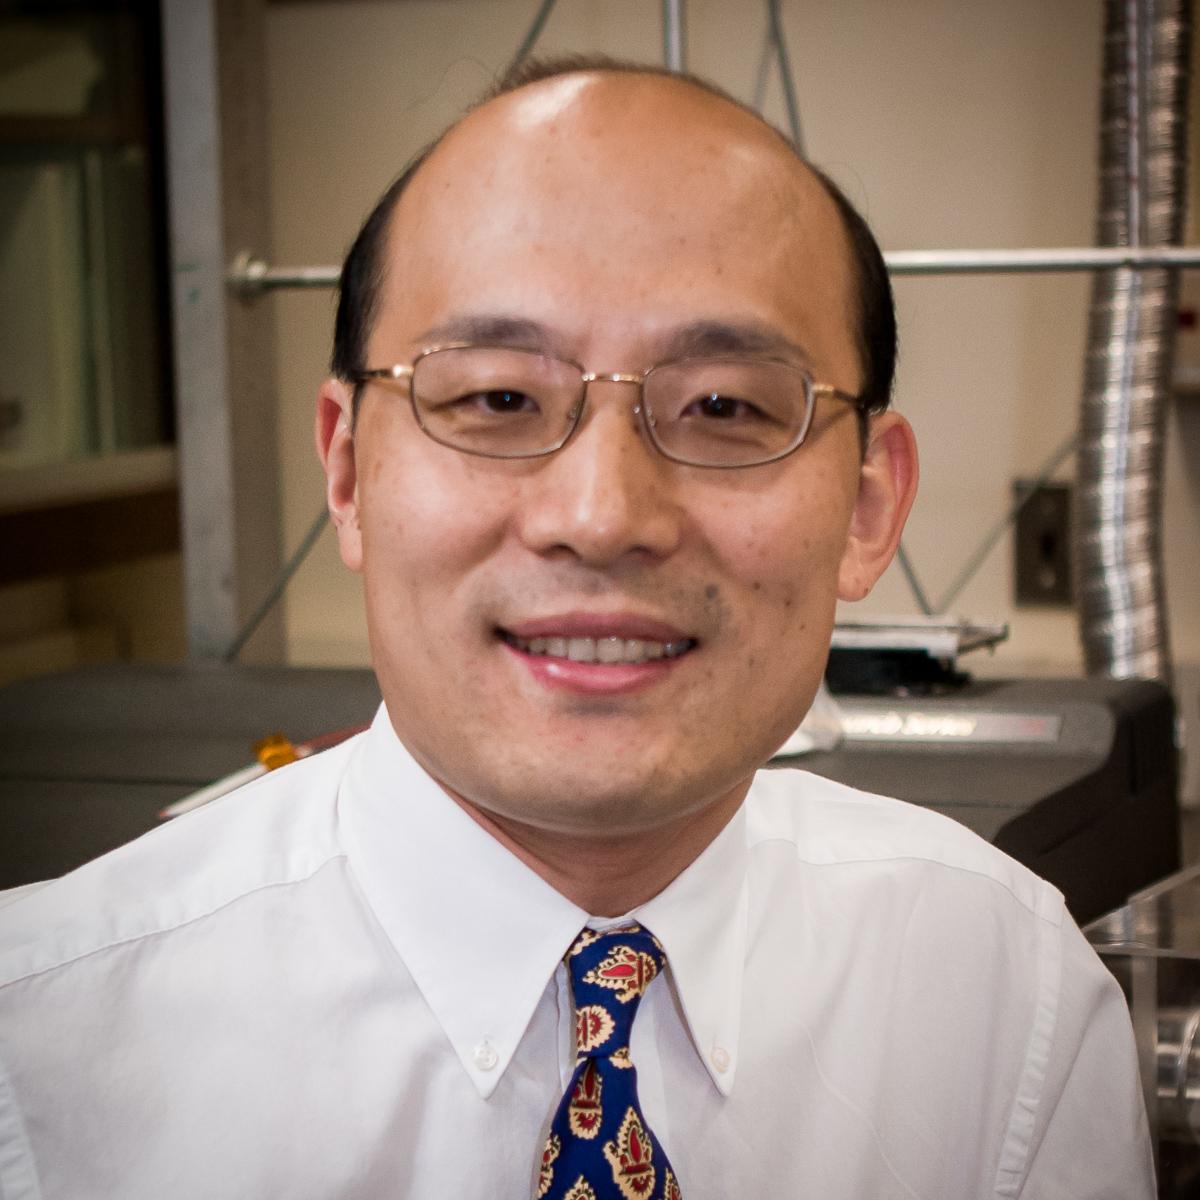 Liang T. Chu